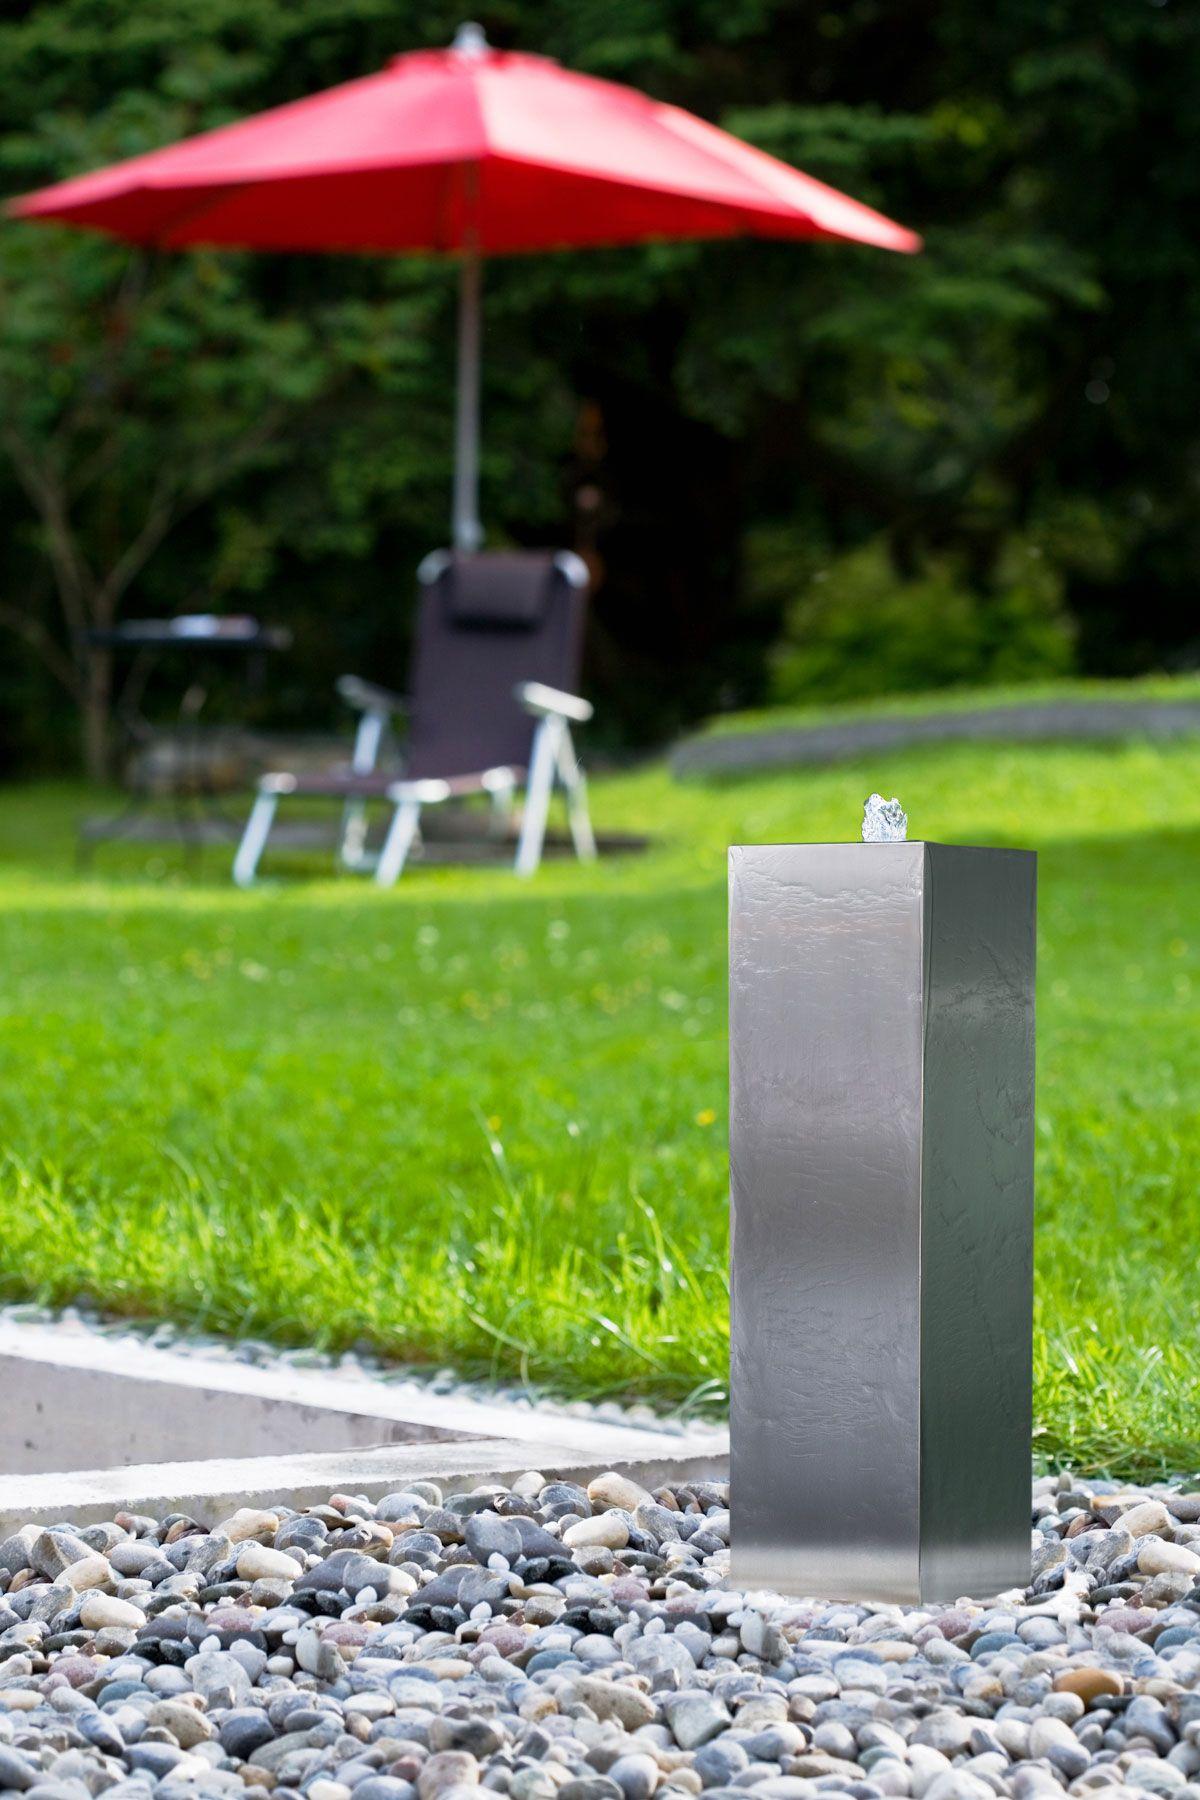 Full Size of Gartenbrunnen Pumpe Bauhaus Baumarkt Online Shop Brunnen Solarbrunnen Solar Bohren Wien Geradezu Majesttisch Wirkt Dieser Auf Seine Umgebung Fenster Wohnzimmer Bauhaus Gartenbrunnen